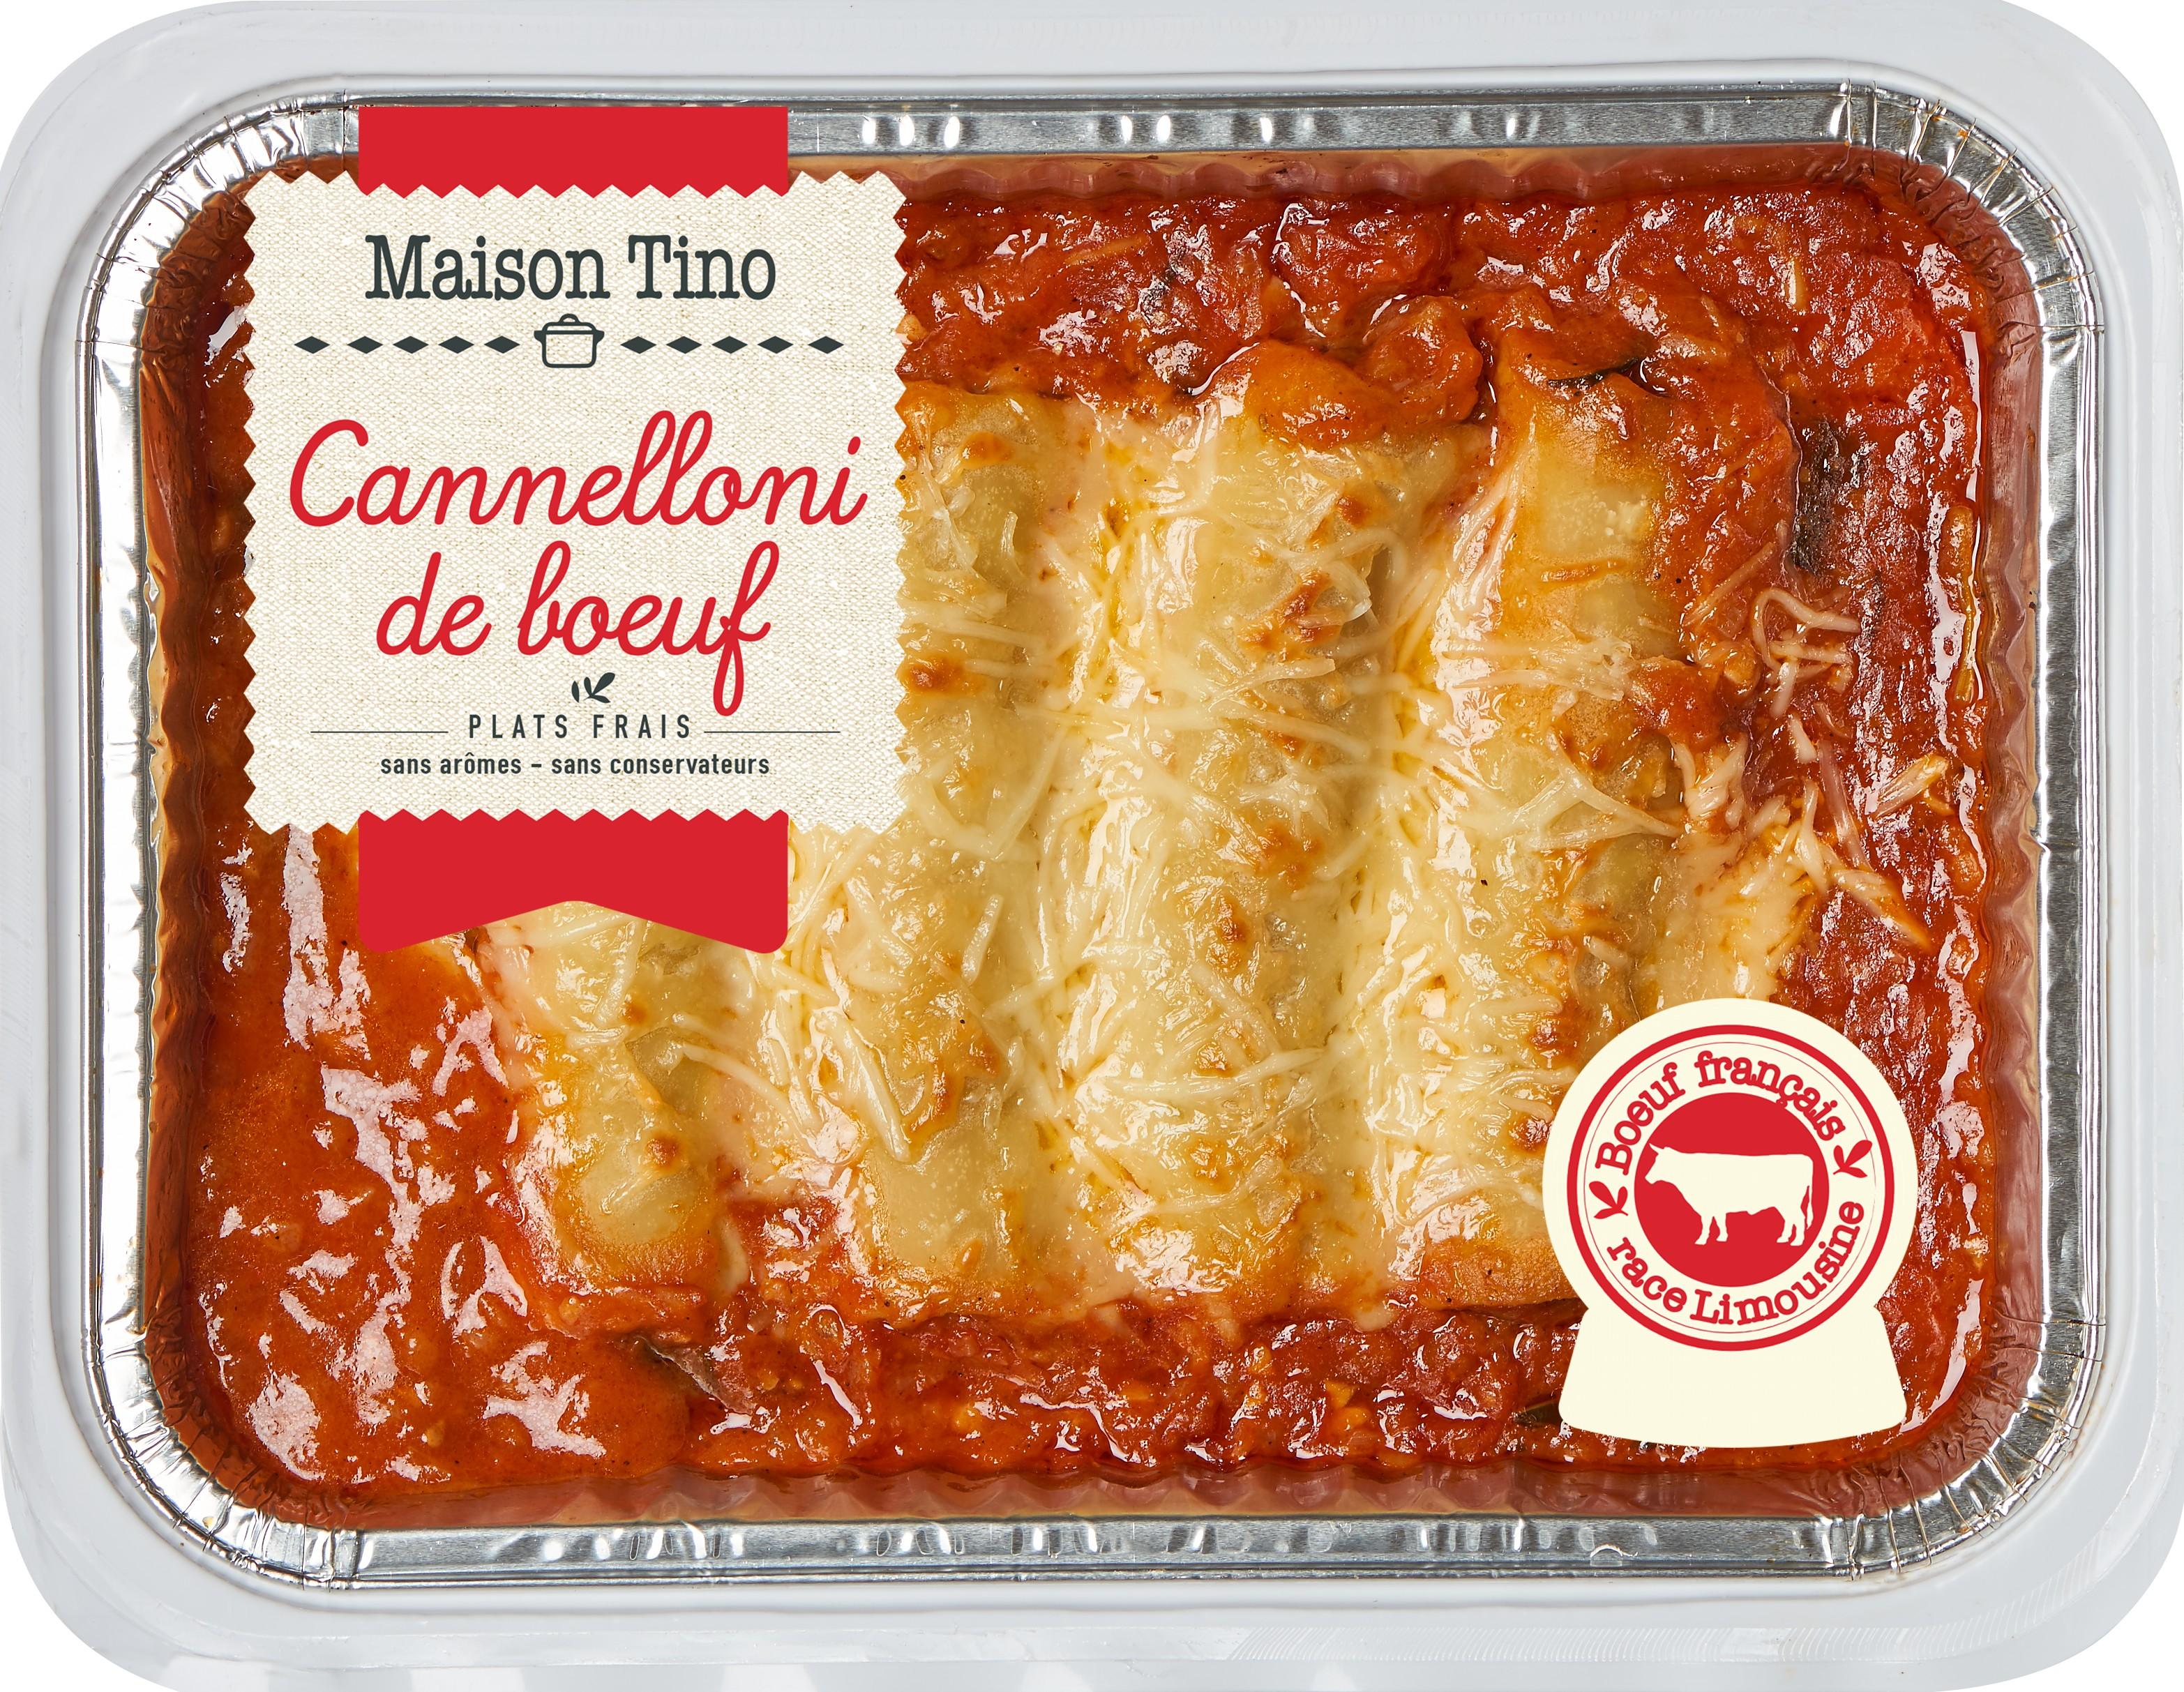 Cannelloni de boeuf race Limousine, Maison Tino (750 g)